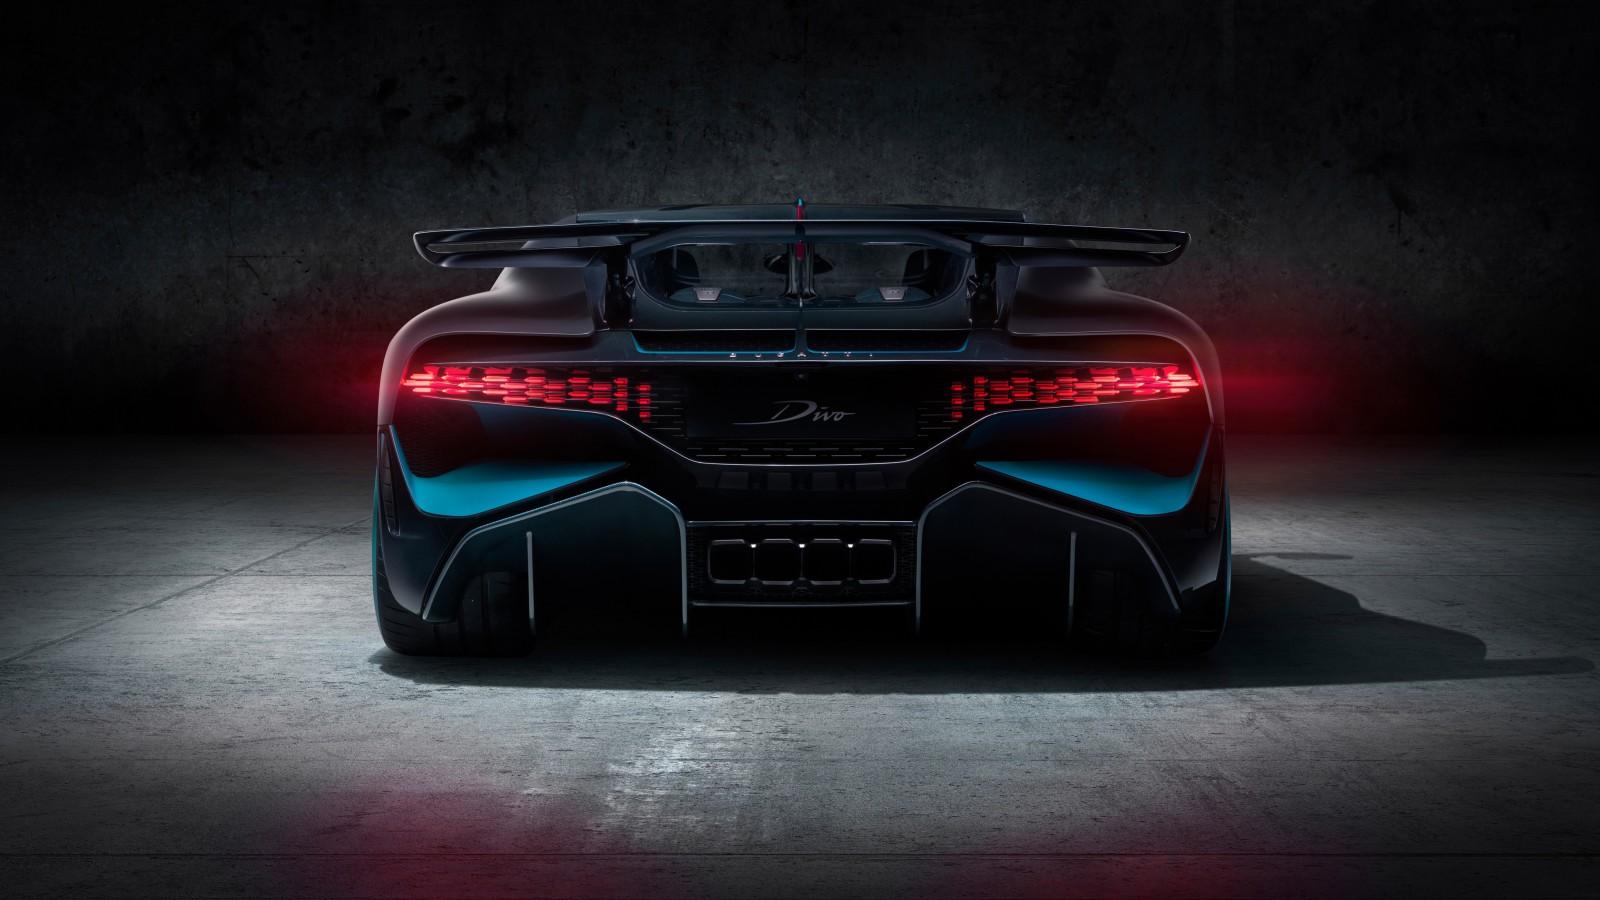 2019 Bugatti Divo 4k 13 Wallpaper Hd Car Wallpapers Id 11107